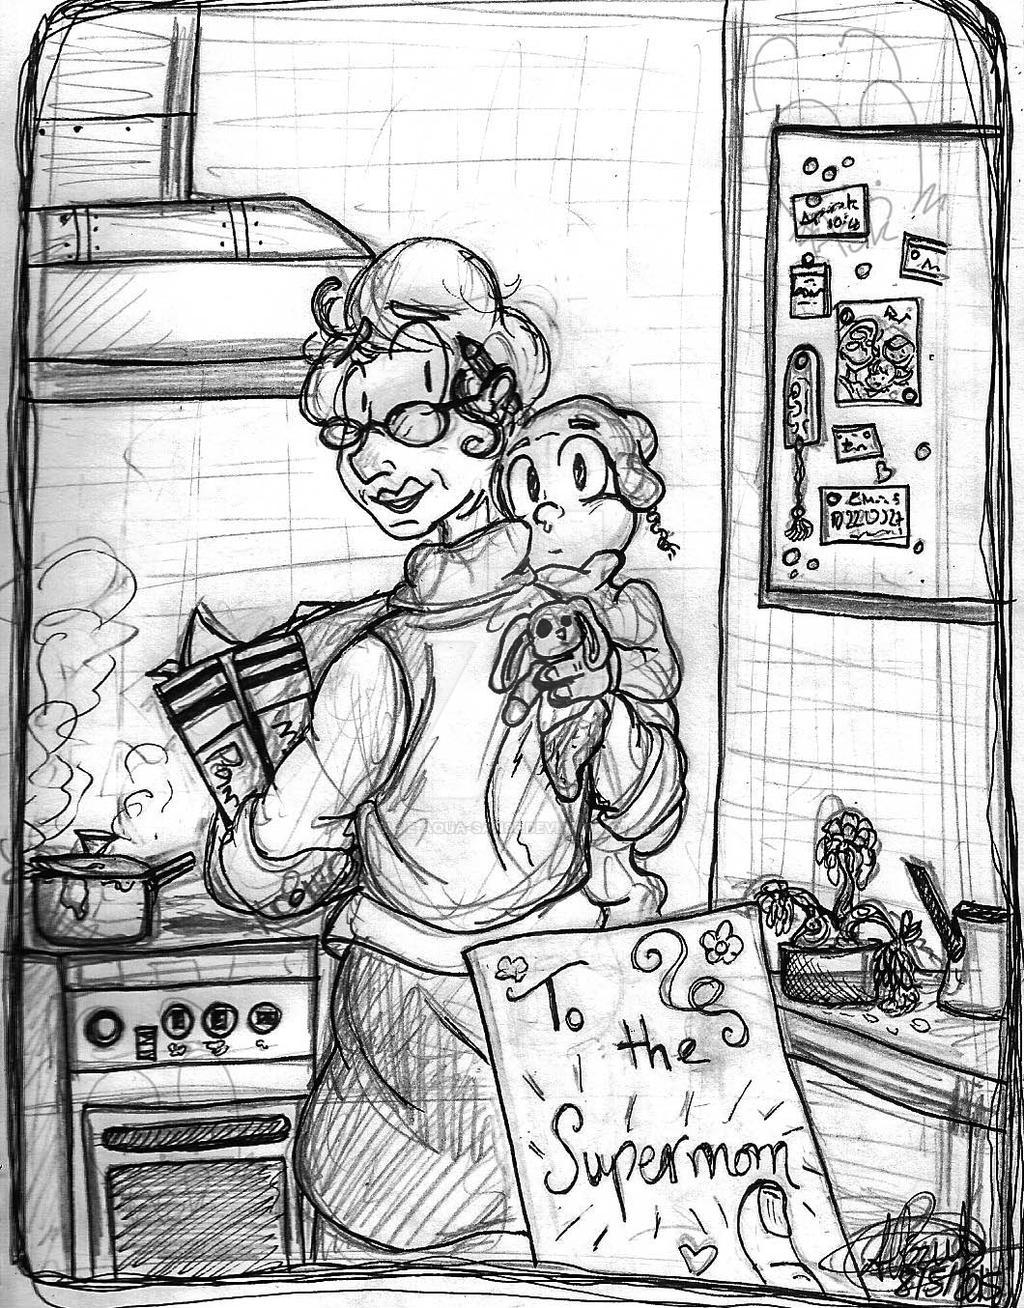 For the supermom by Blue-Aqua-san95